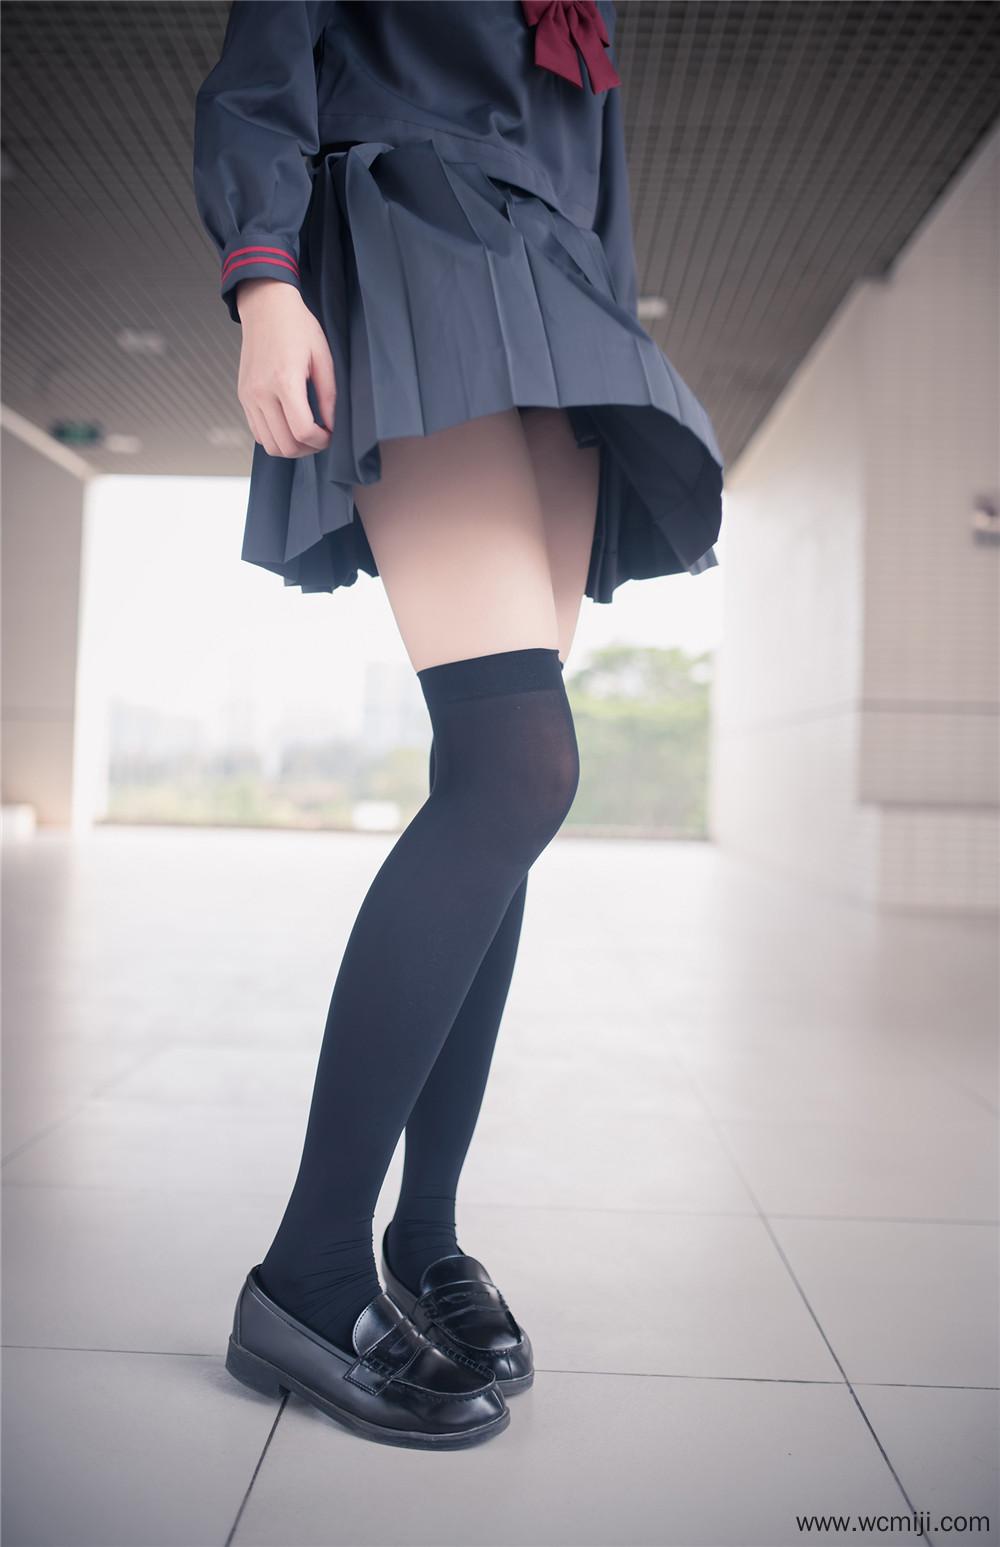 【私拍】【少女】腰肢袅娜似弱柳黑丝过膝袜私房照【43P】